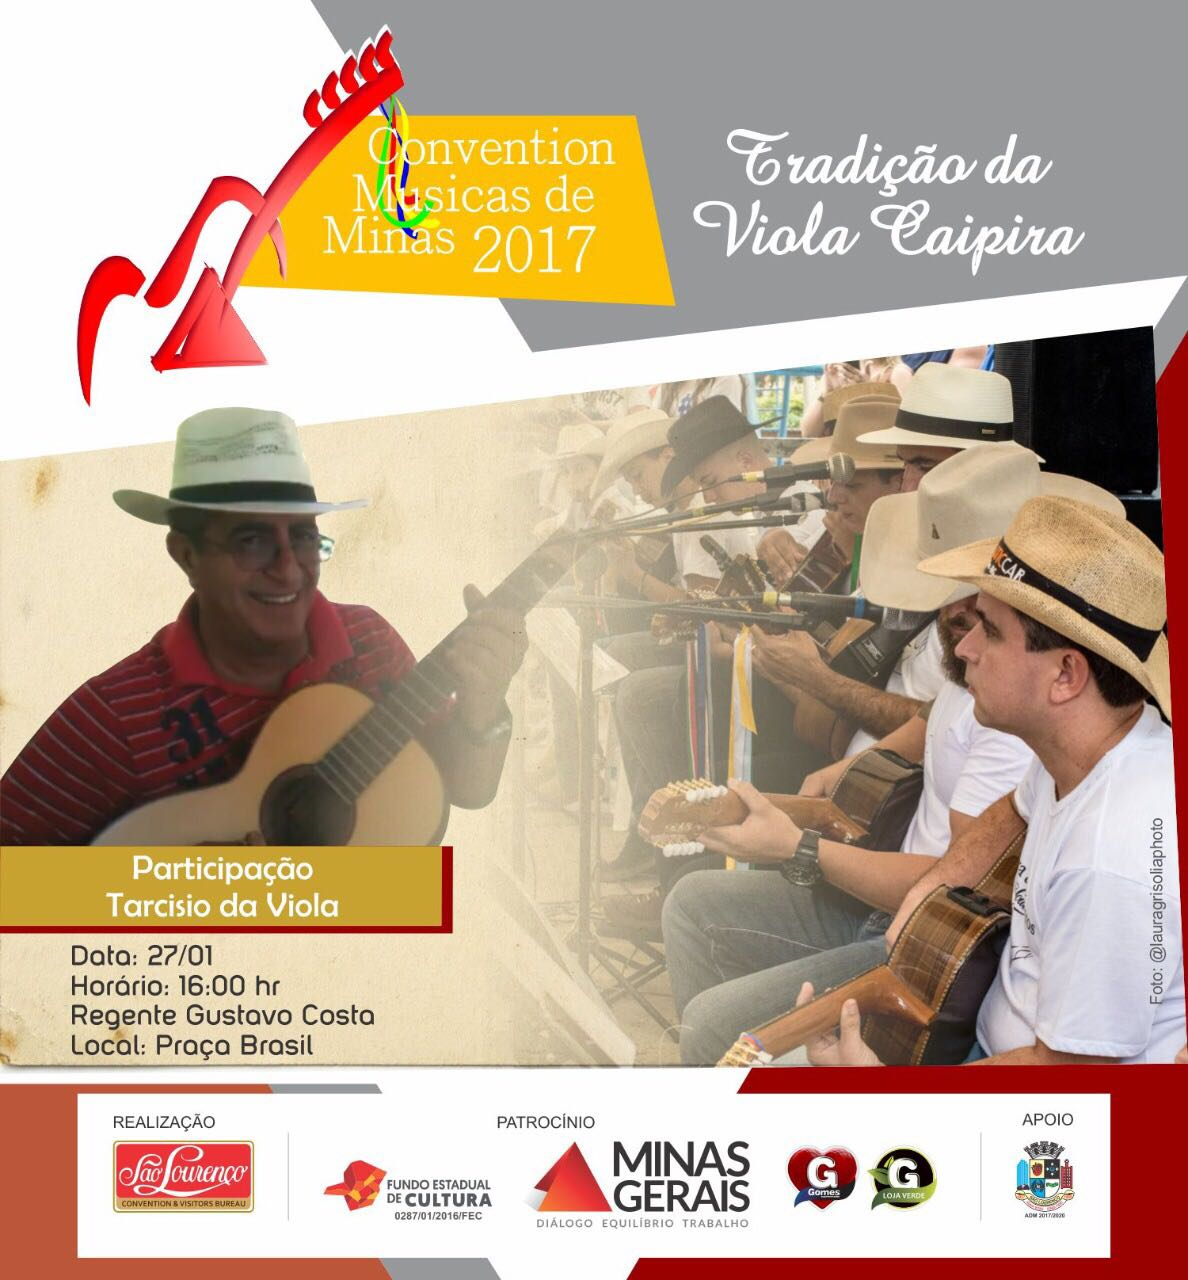 Convention Músicas de Minas